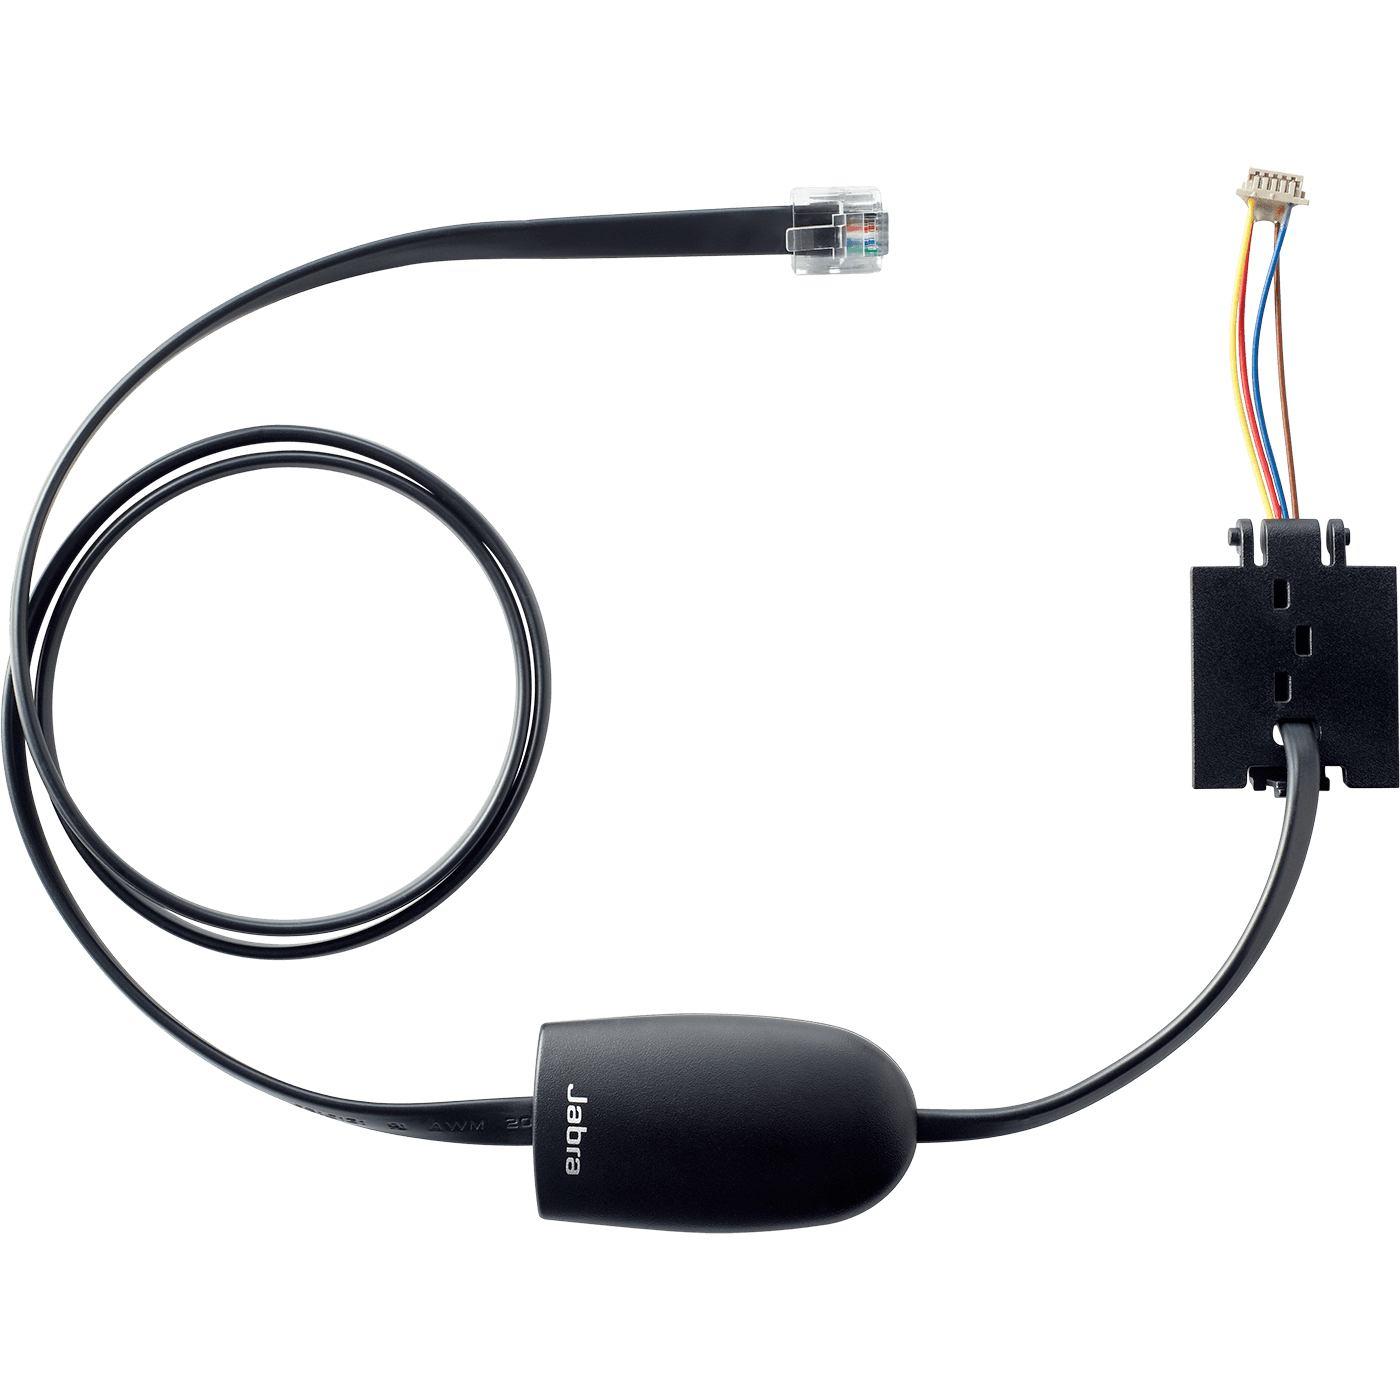 2022274-Jabra-14201-31-accessorio-per-cuffia-EHS-ADAPTER-F-CORDLESS-HEADSE-E